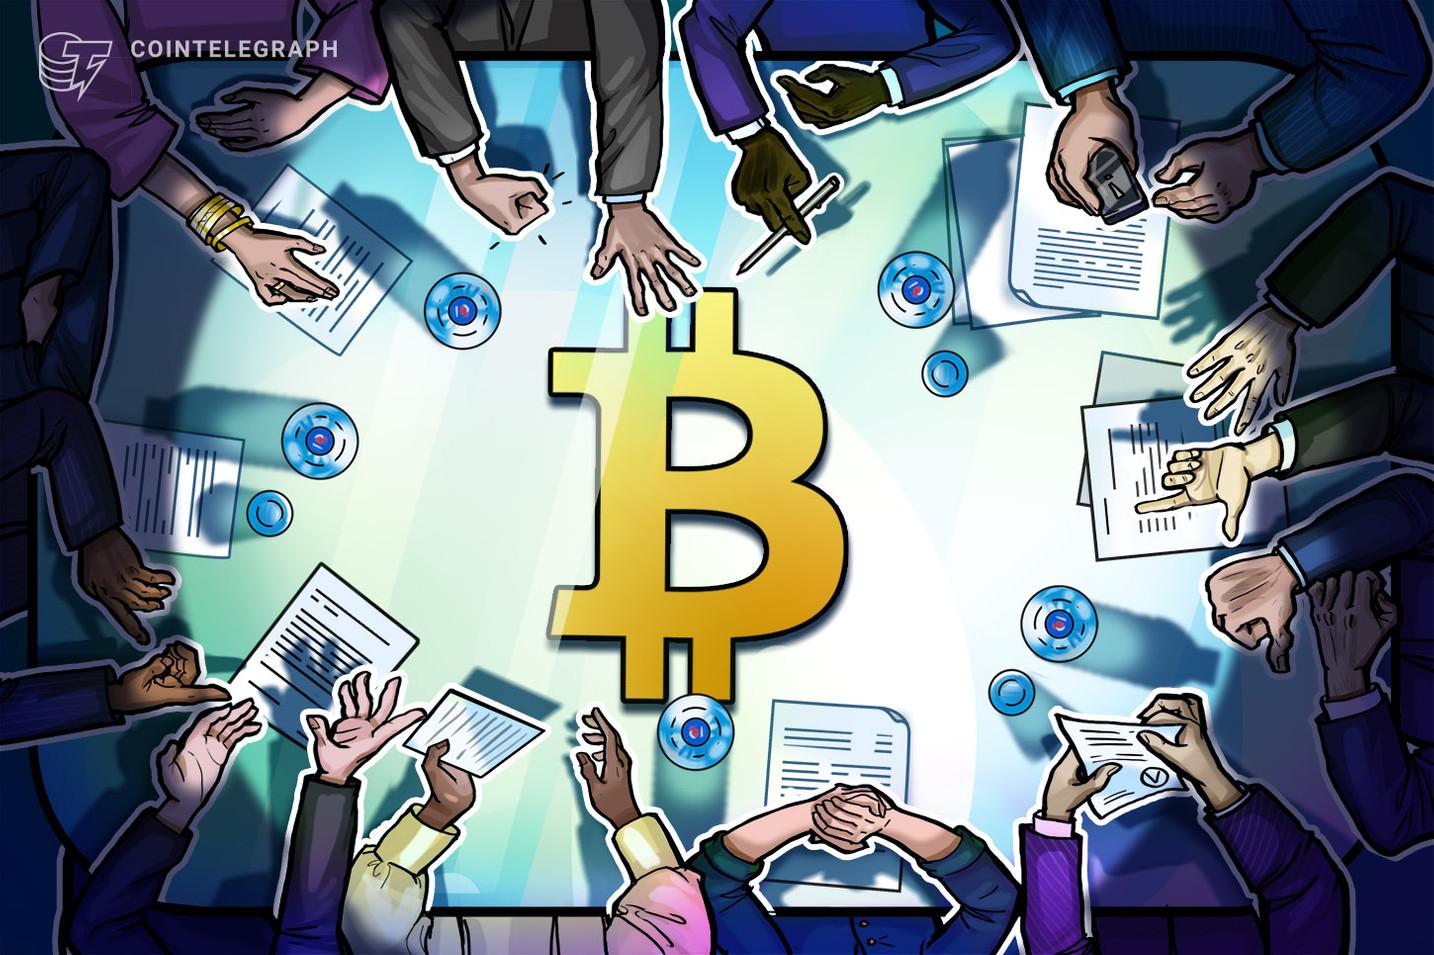 仮想通貨ビットコインのストック・フローモデルを否定、調査会社がレポート